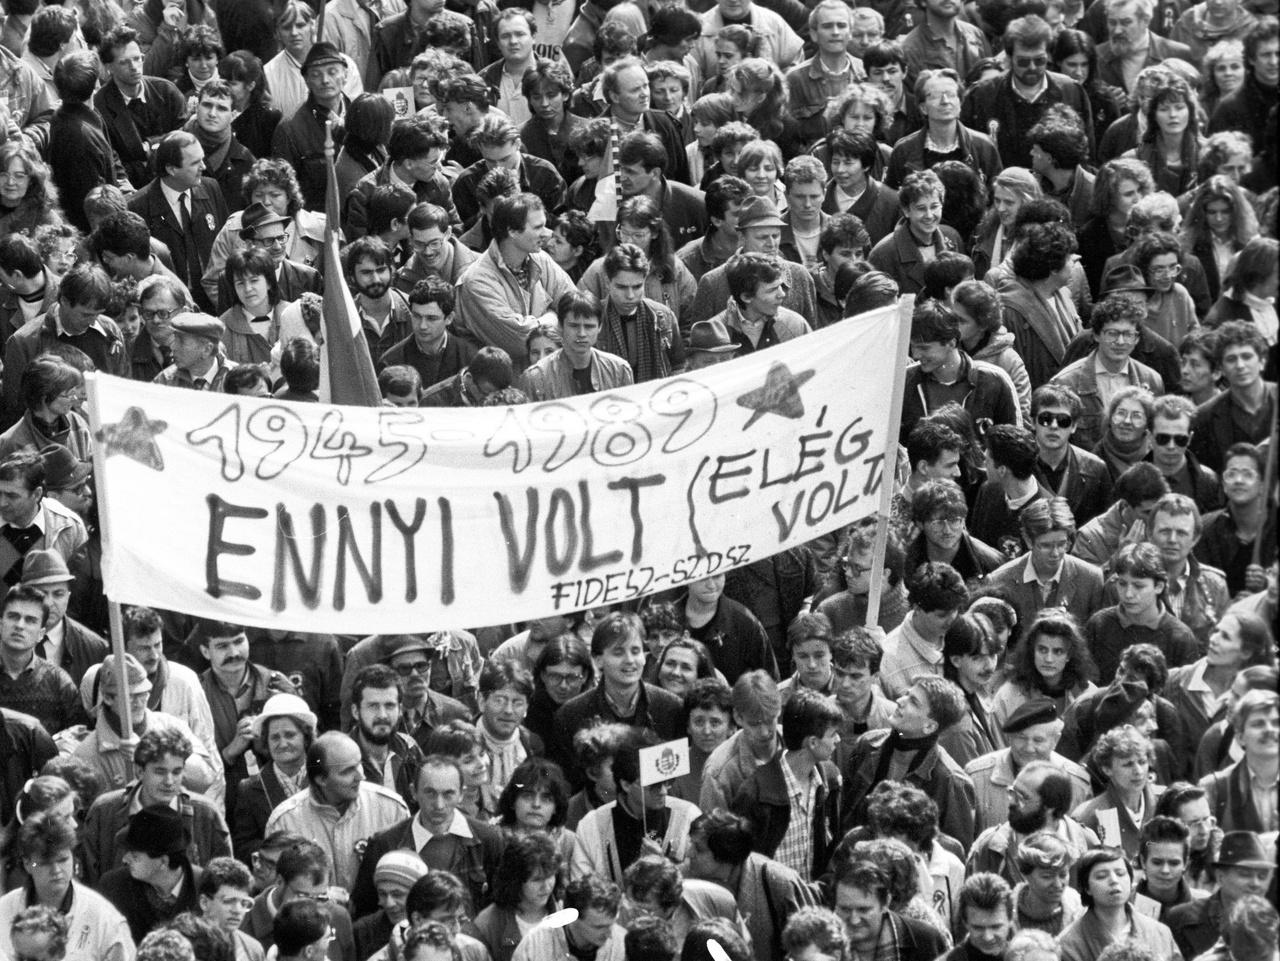 Tömeges megemlékezés a Petőfi-szobornál Budapesten 1989. március 15-én.